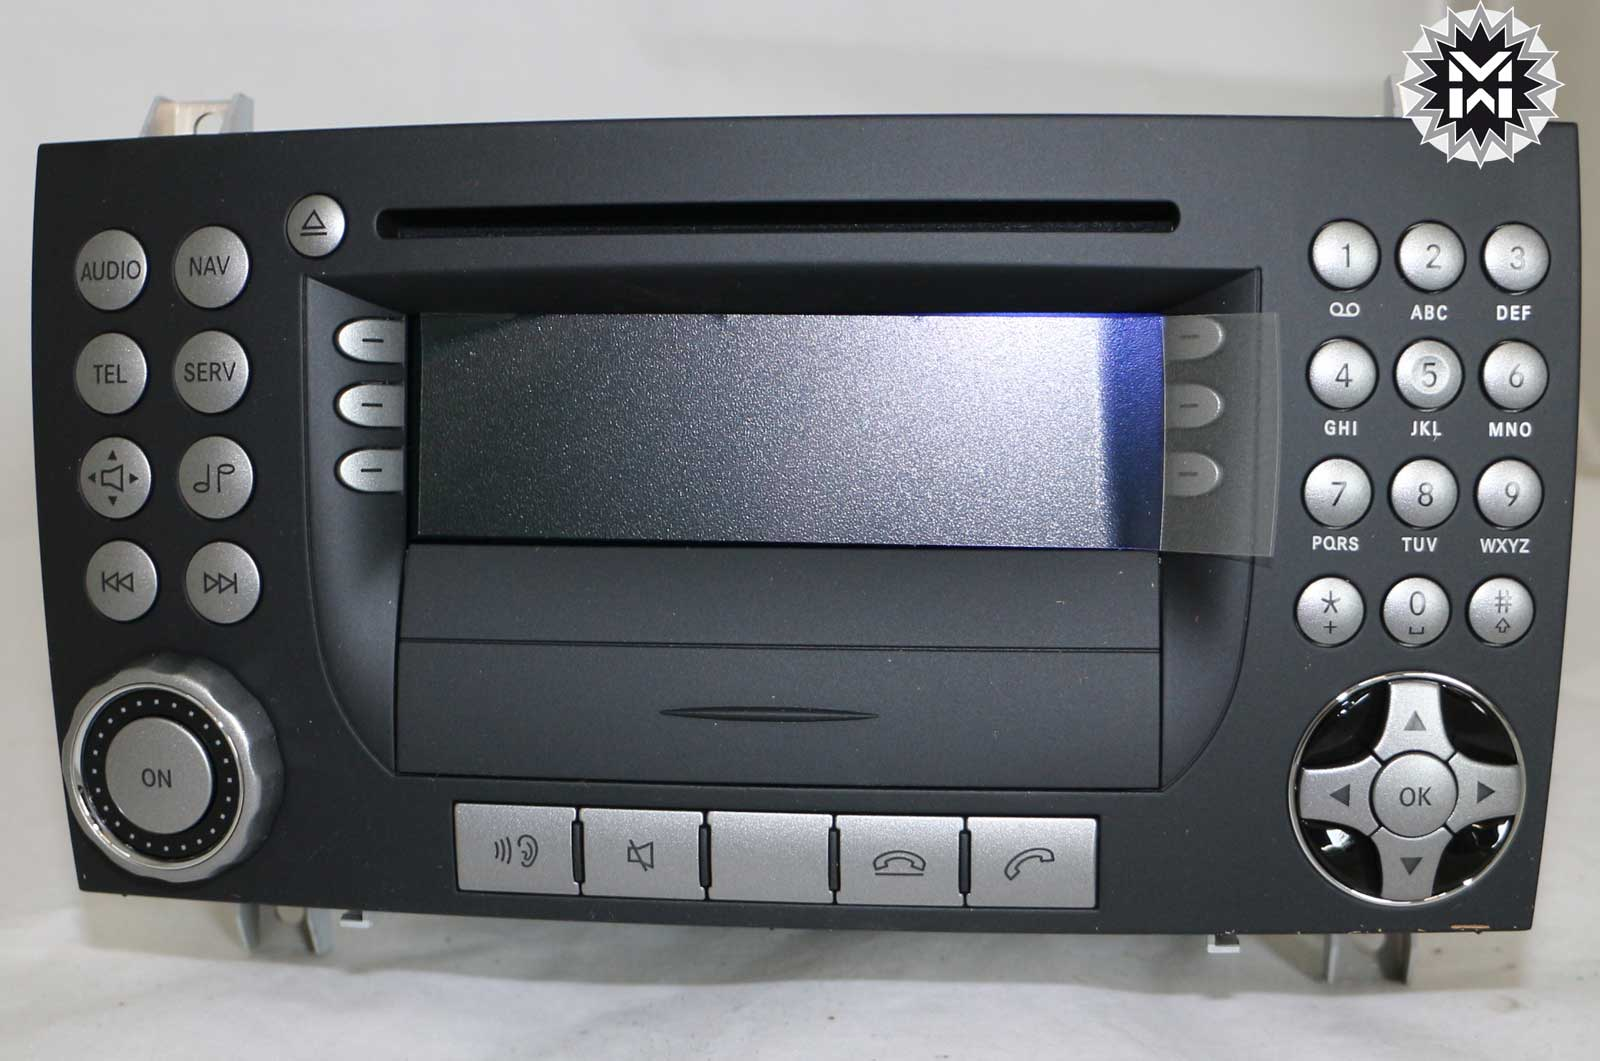 mercedes aps 50 ntg1 slk r171 a1718208189 navi cd radio. Black Bedroom Furniture Sets. Home Design Ideas